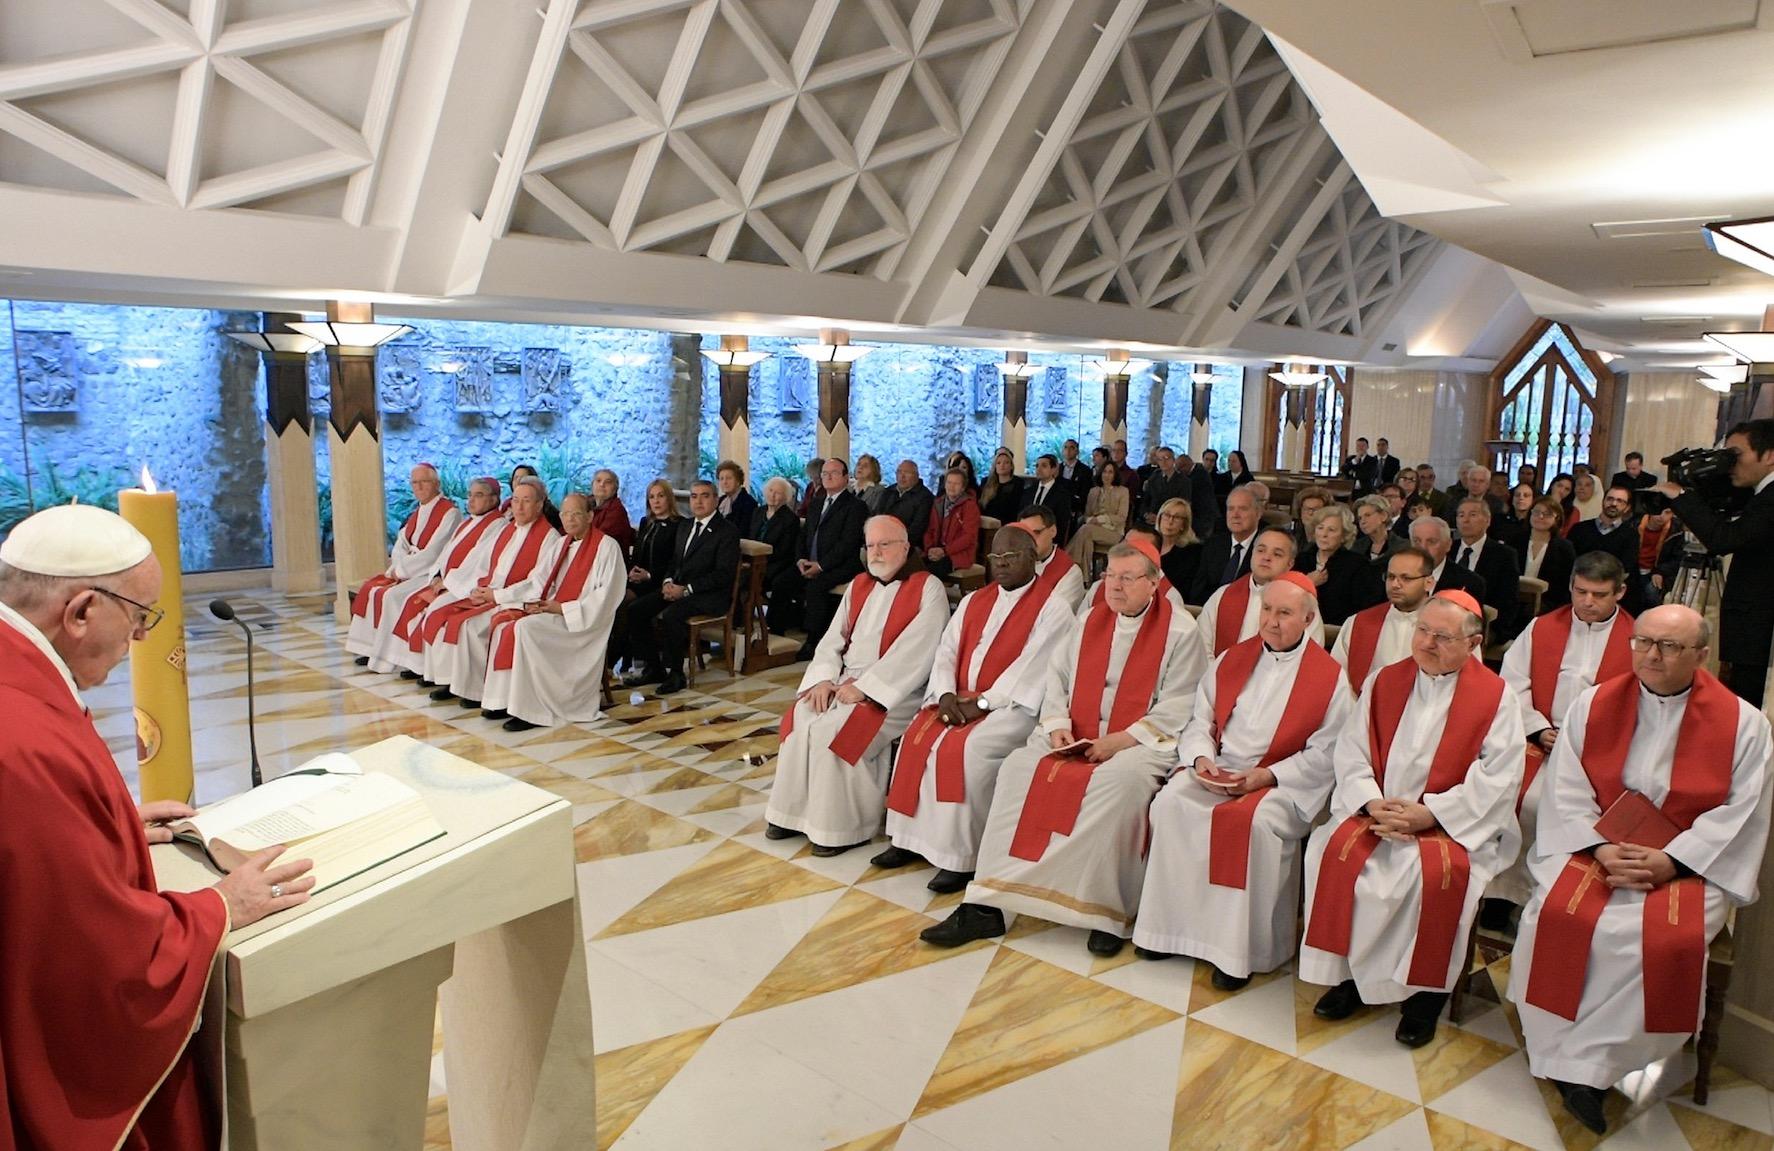 Misa en Santa Marta (Oss. © Romano)